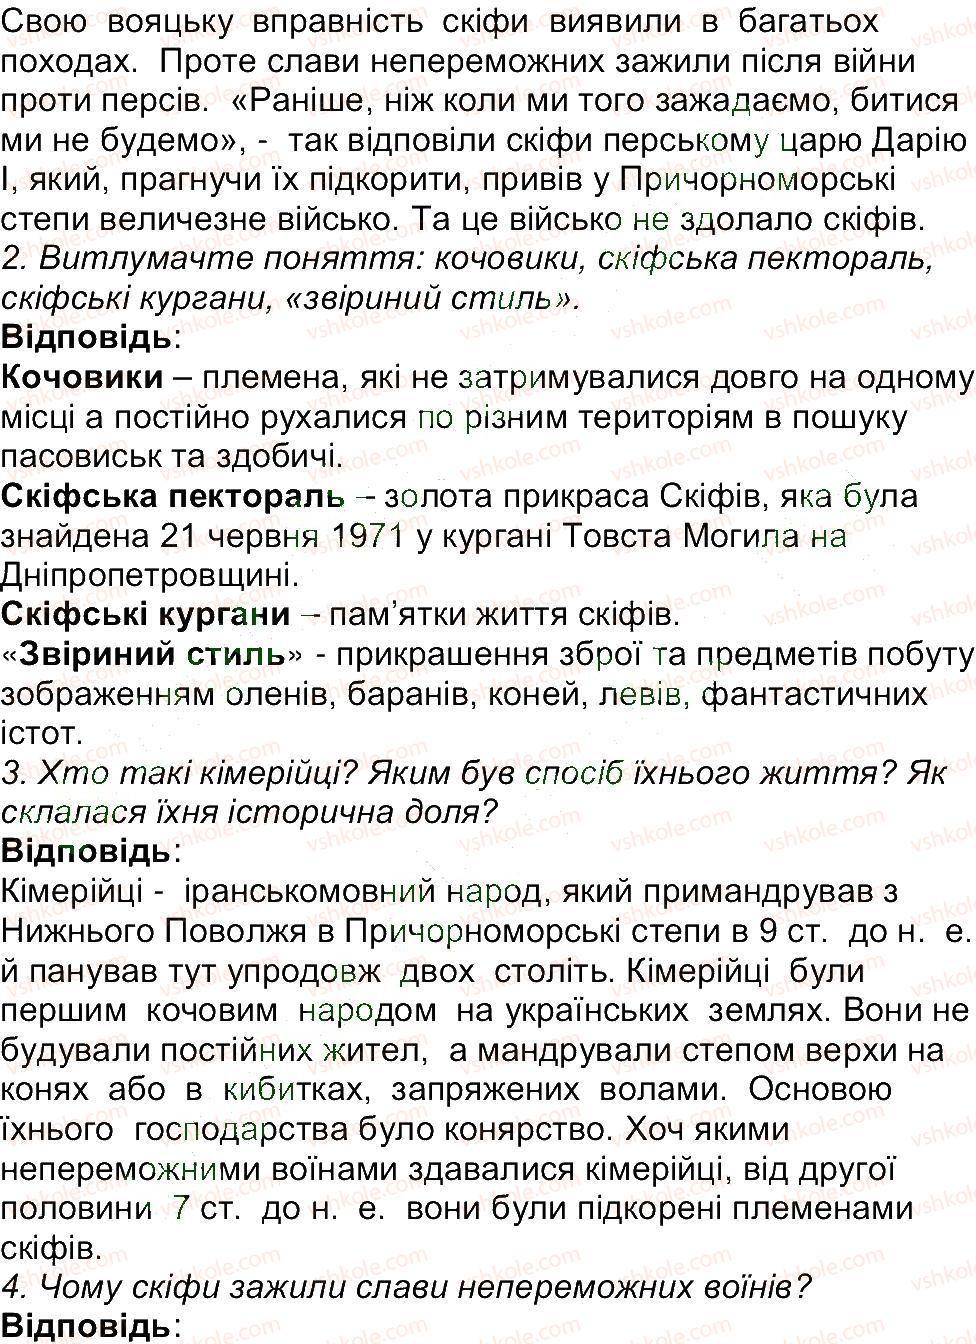 6-istoriya-og-bandrovskij-vs-vlasov-2014--storinki-72140-94-rnd3319.jpg